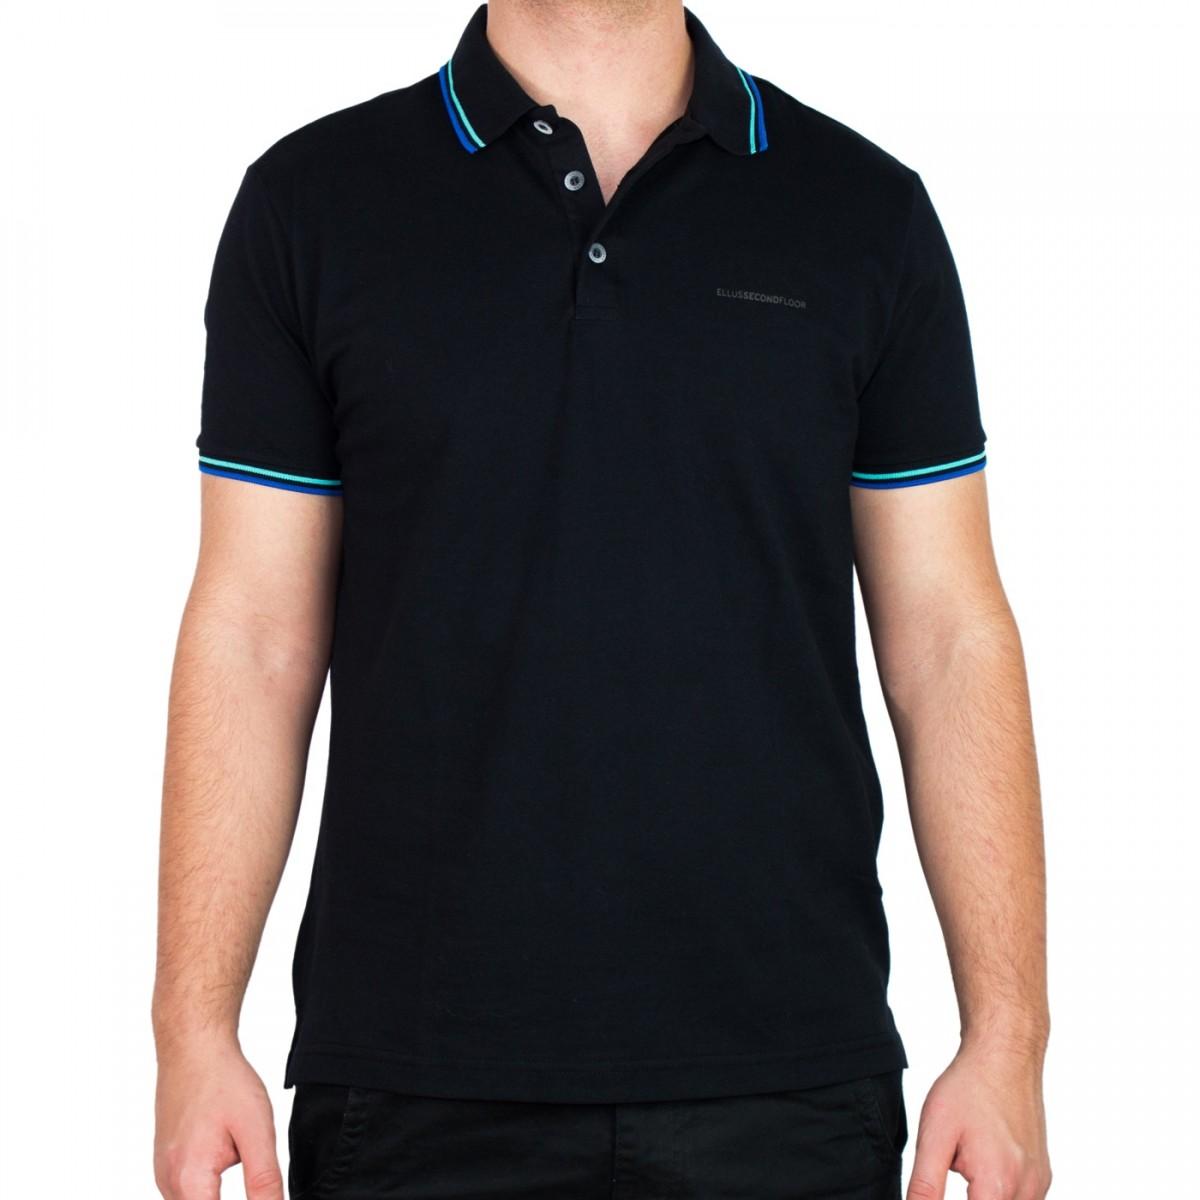 Bizz Store - Camisa Polo Masculina Ellus Second Floor Piquet 5b1d846878430